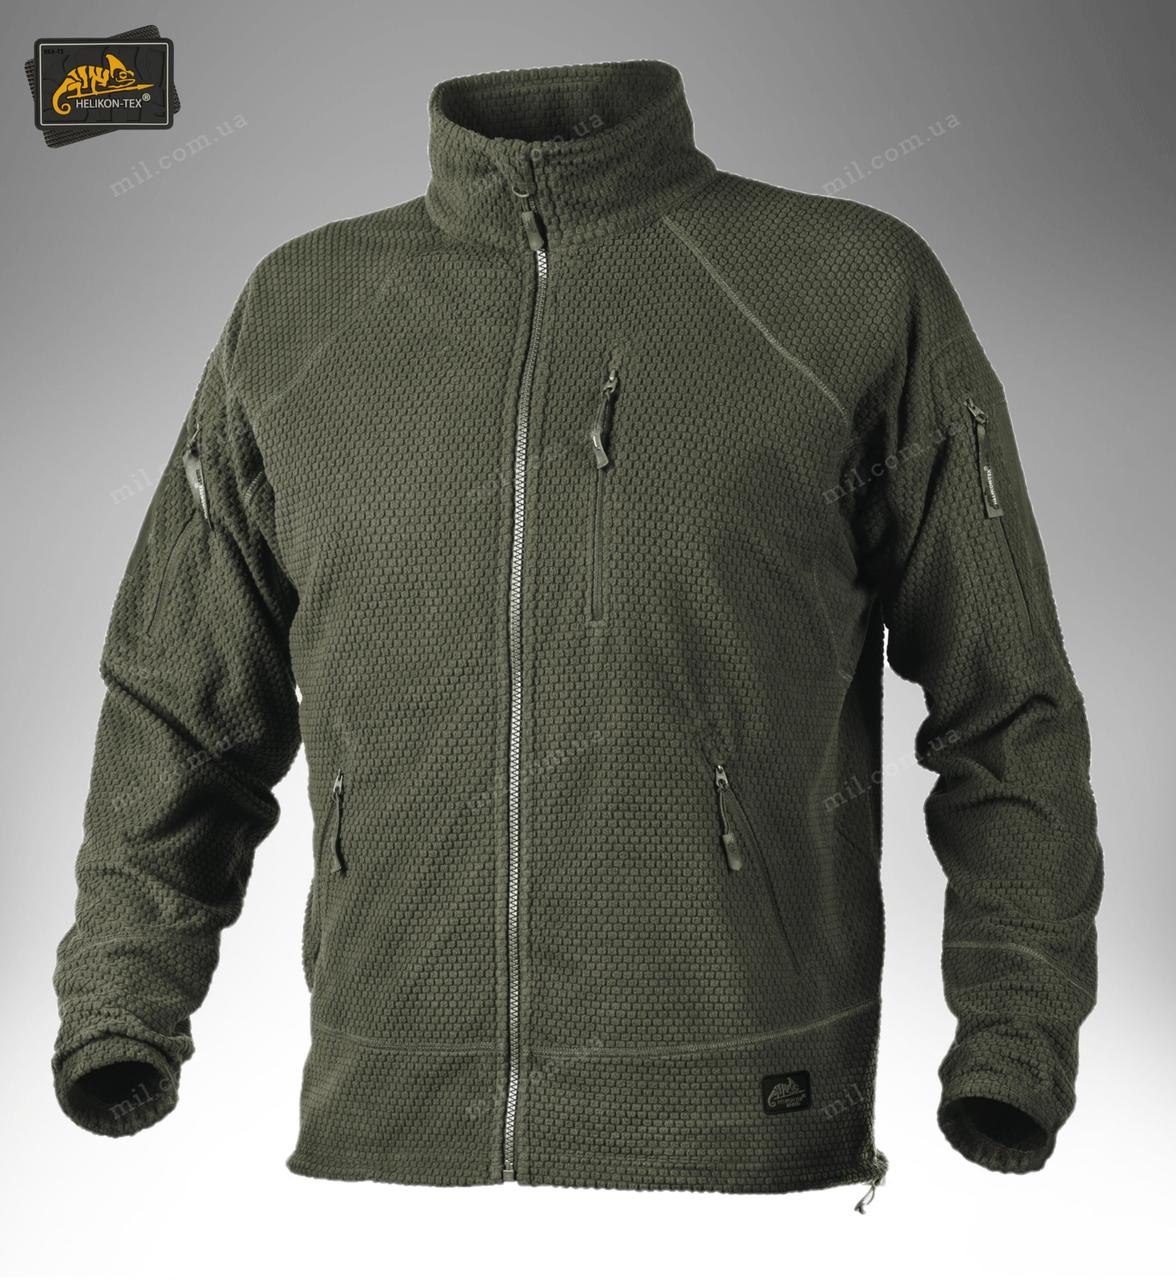 Тактическая флисовая куртка/ кофта Helikon-Tex® ALPHA TACTICAL fleece (оливковый)